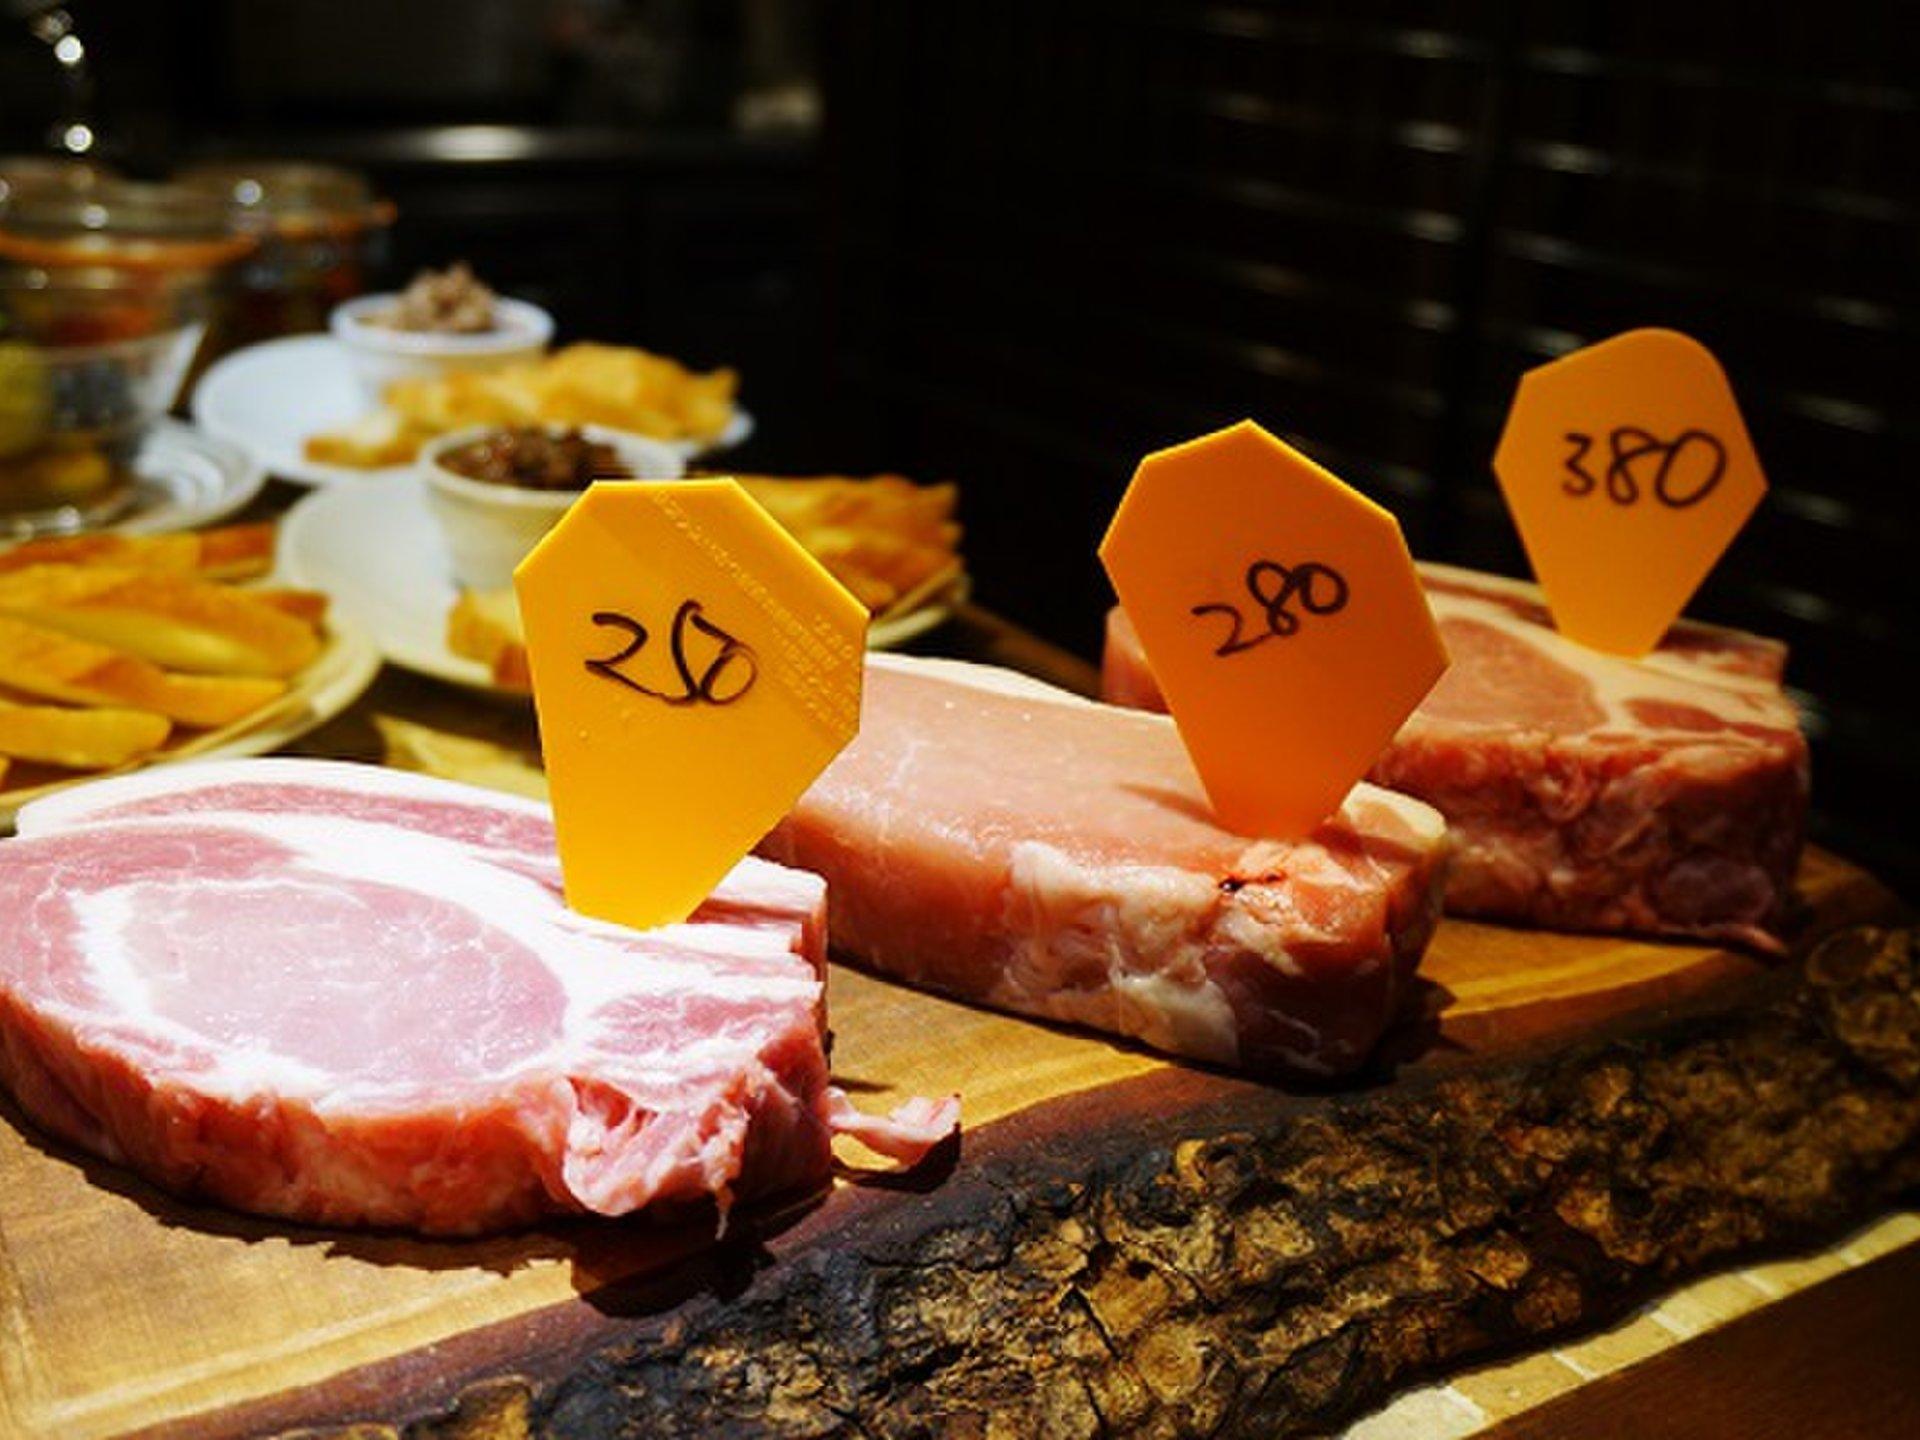 【新宿・食べログ高評価の焼肉店だけ】とにかくおいしい焼肉を食べたくなったら新宿へ!